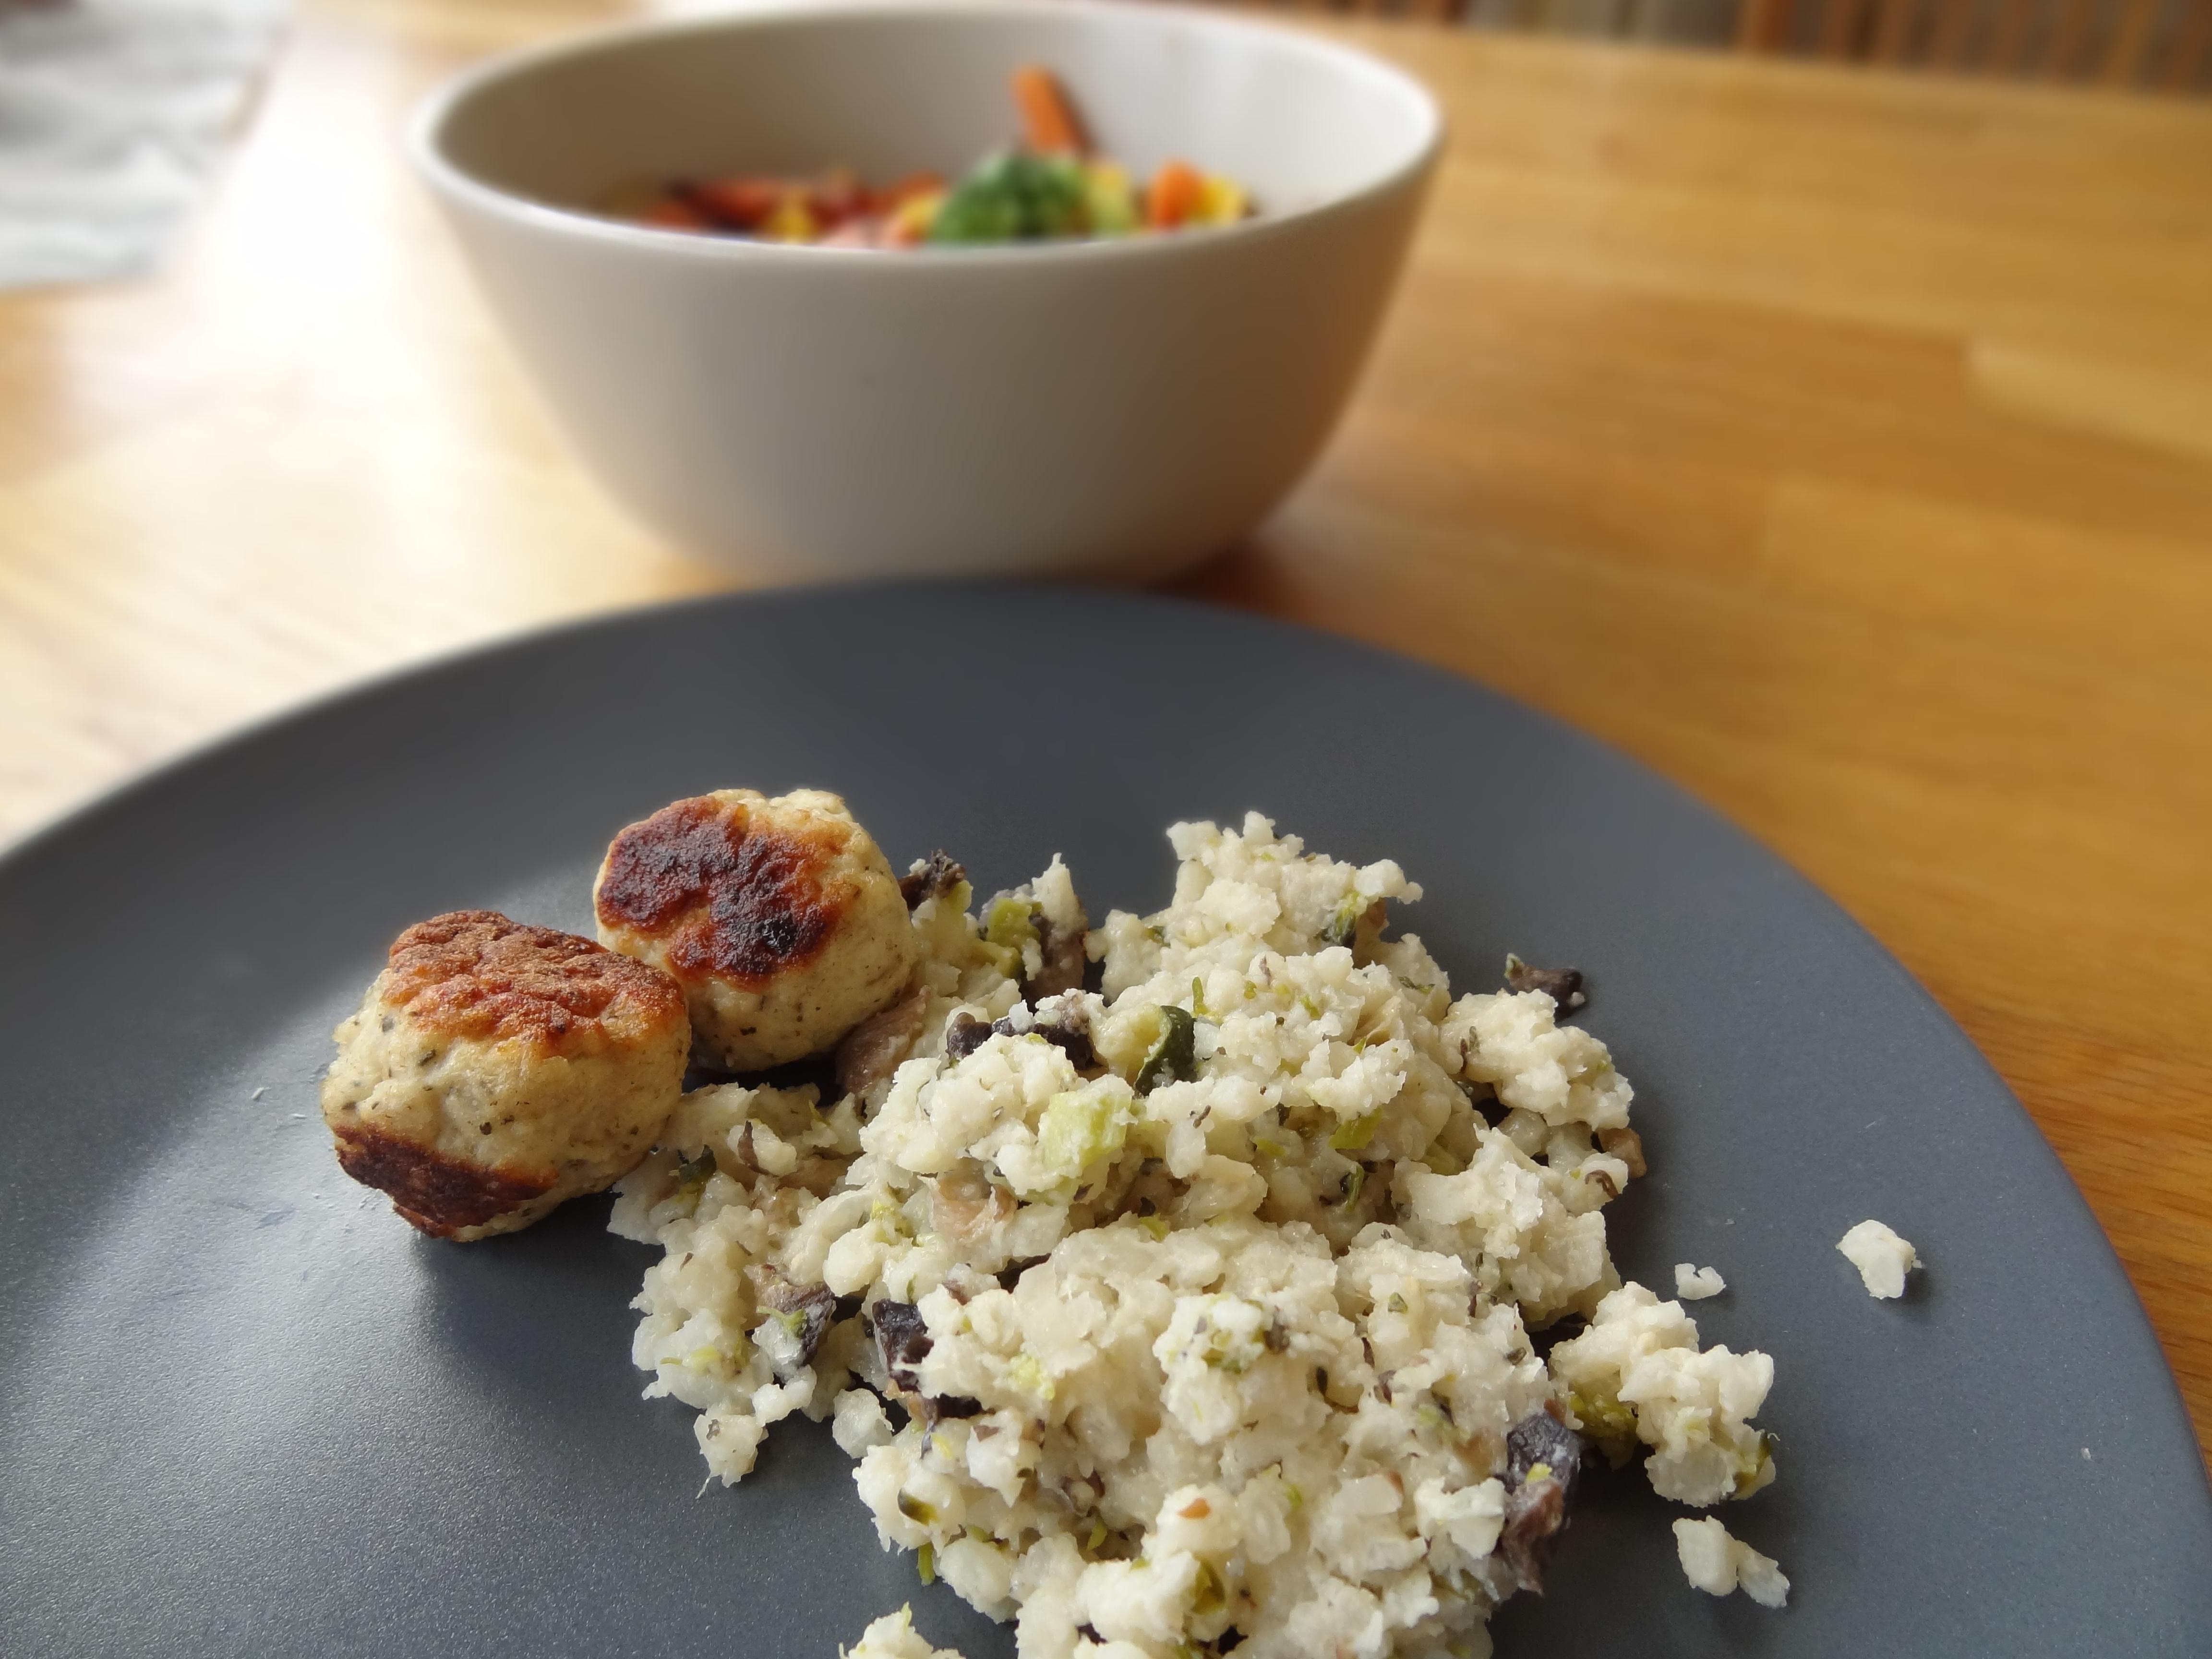 Kycklingbollar med risotto och grönsaker. Just dessa exemplar blev lite för välstekta i den stressade småbarnstillvaron :) Det händer ju ibland, men då går det bra att skära bort själva stekytan innan bebisen äter!